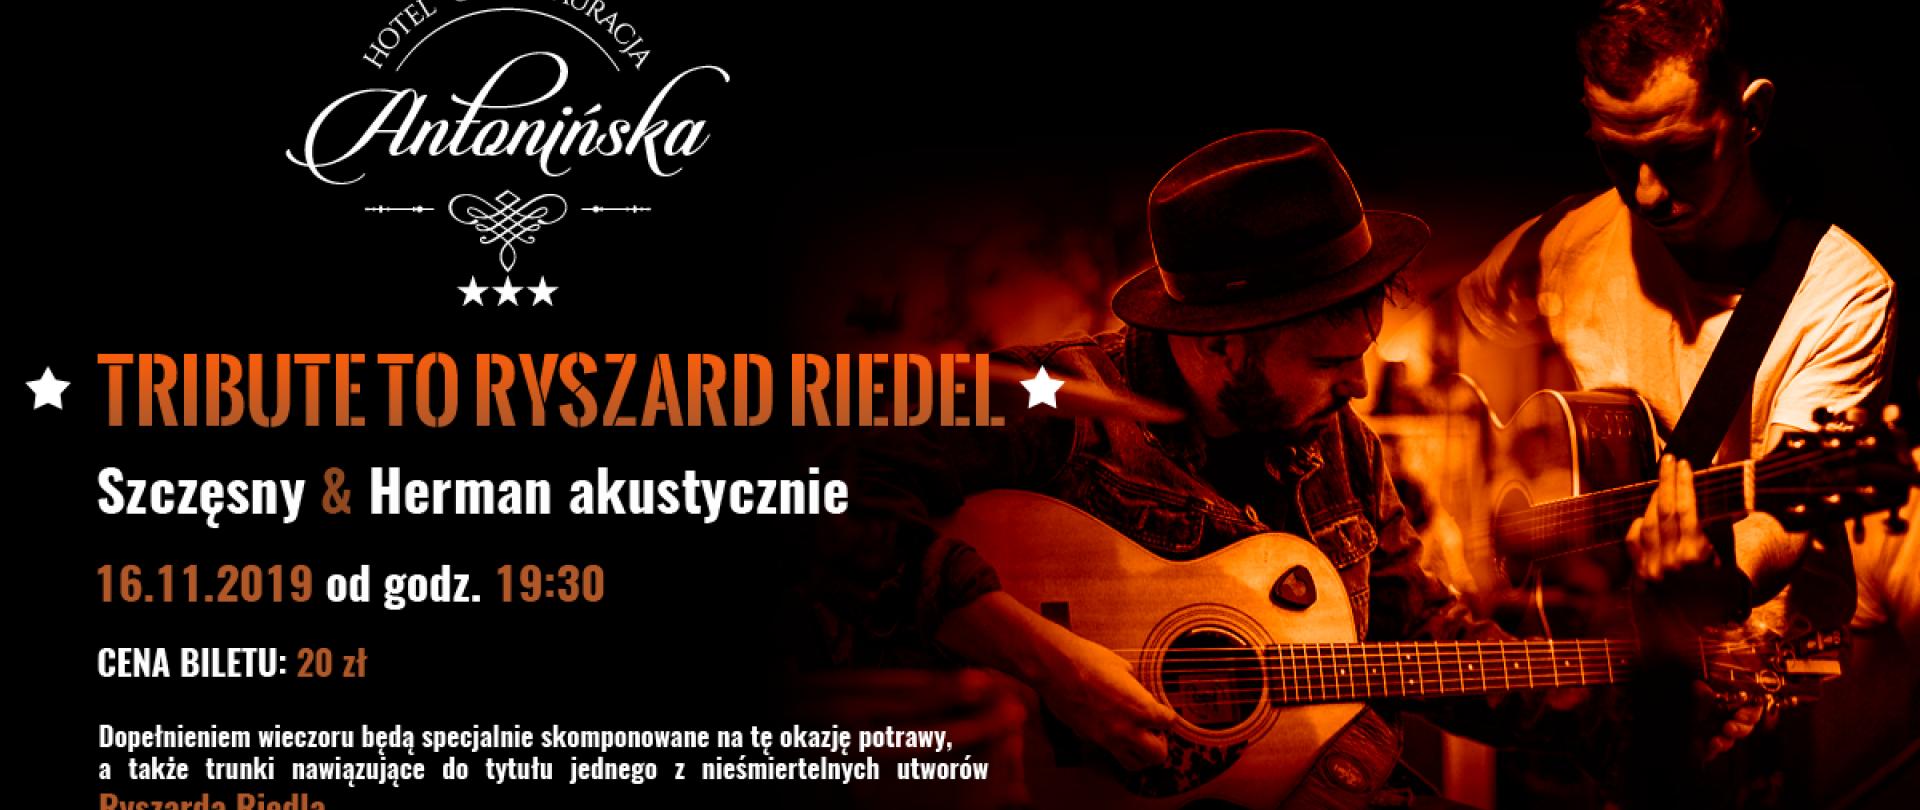 Tribute to Ryszard Riedel - Szczęsny & Herman acustic